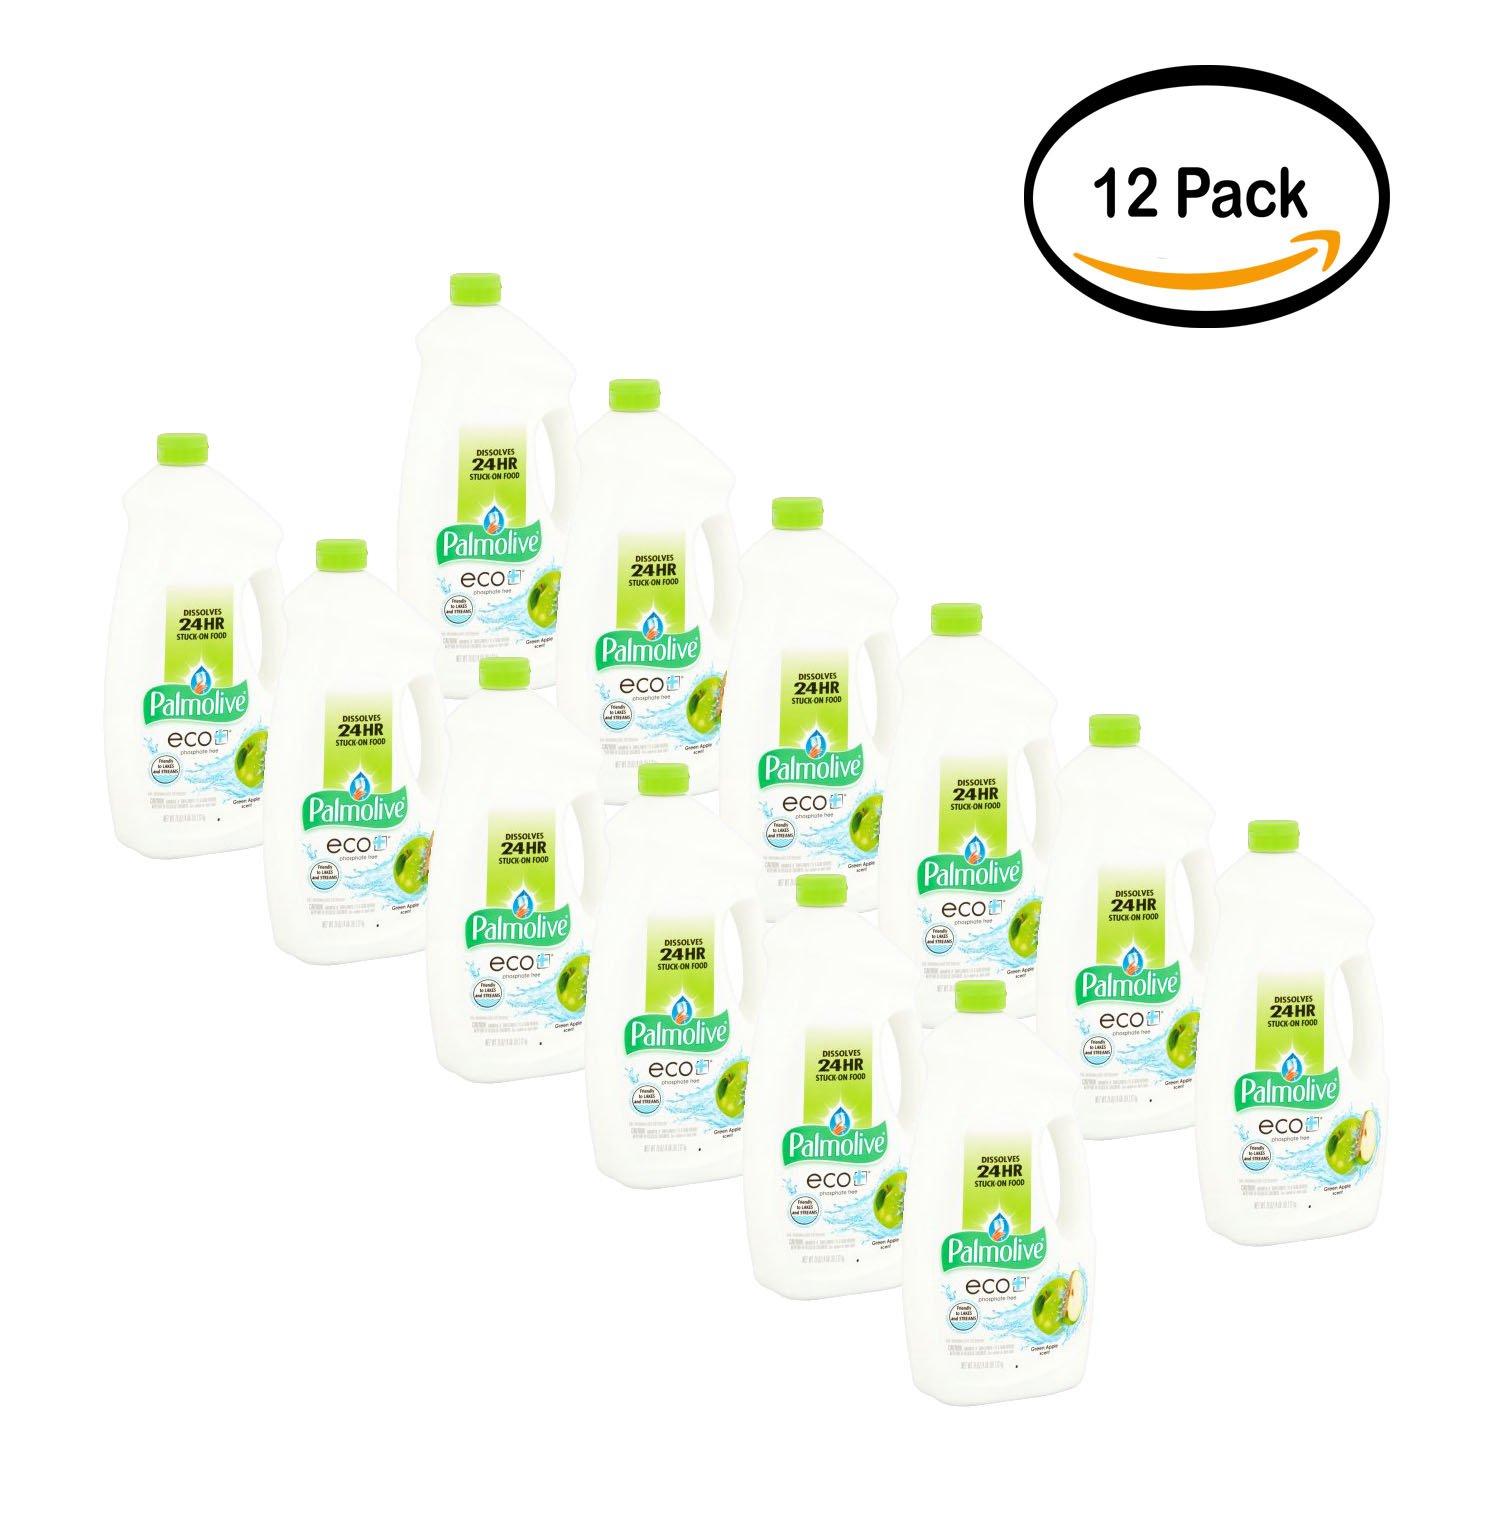 PACK OF 12 - Palmolive Eco Gel Dishwasher Detergent, Citrus Apple - 75 fluid ounce